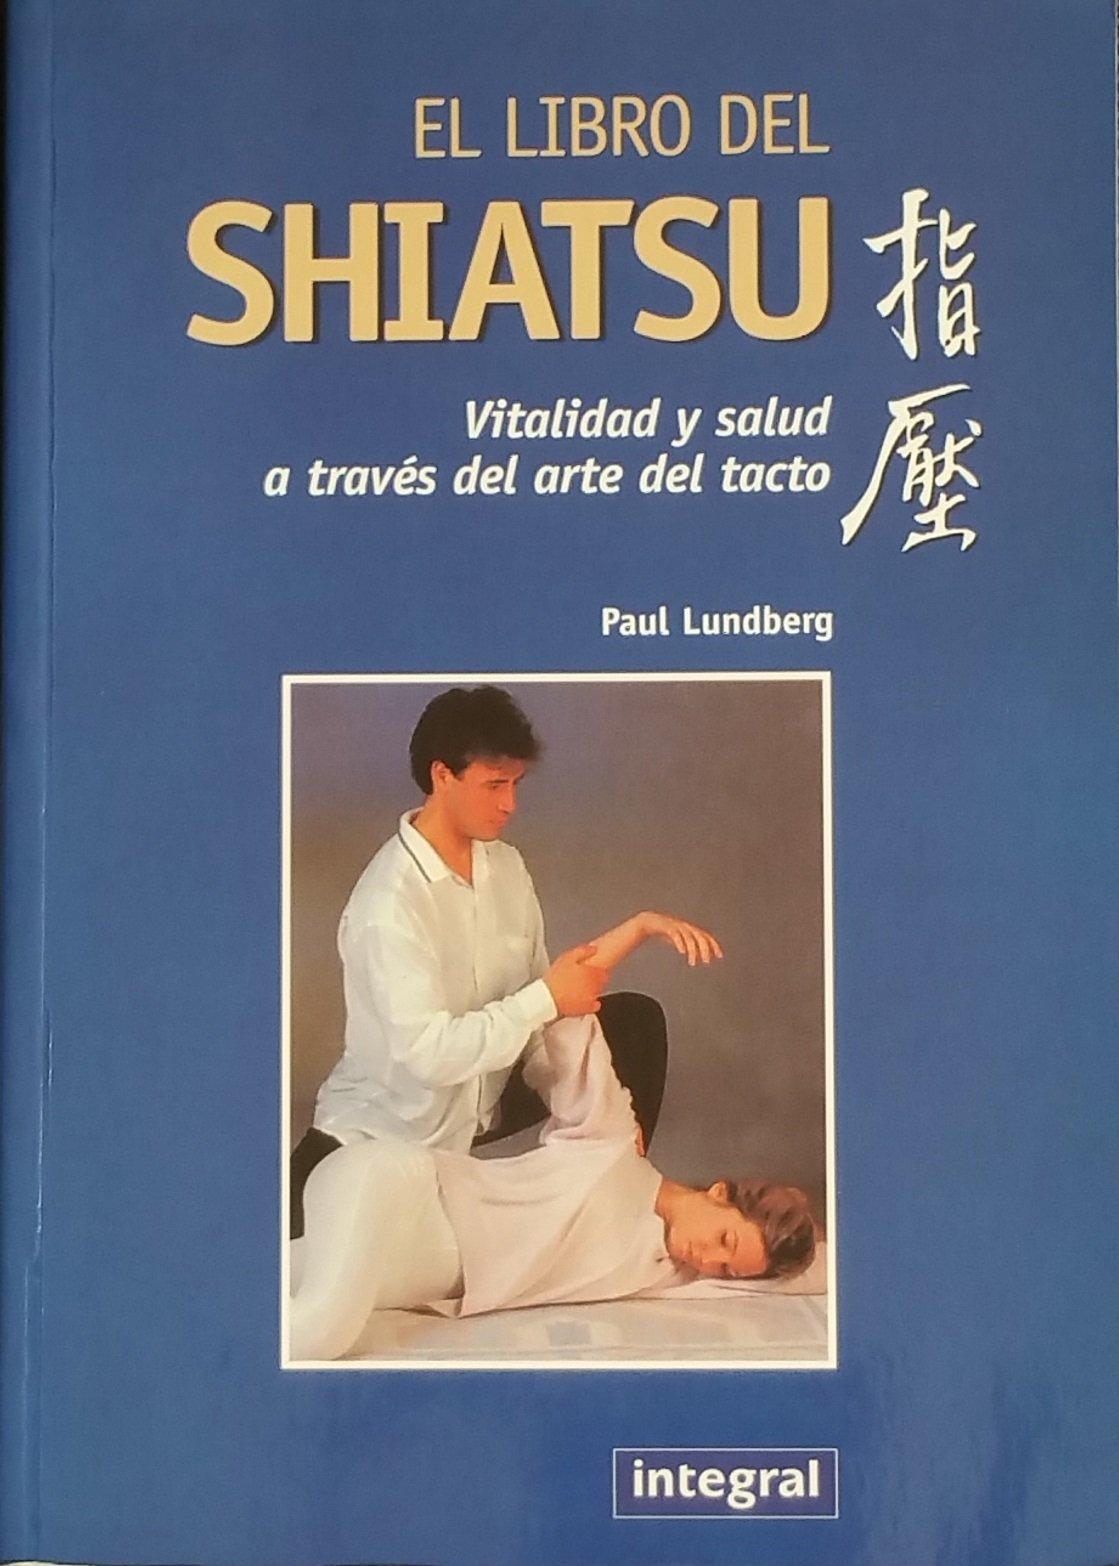 Amazon.com: El Libro del Shiatsu (Spanish Edition ...